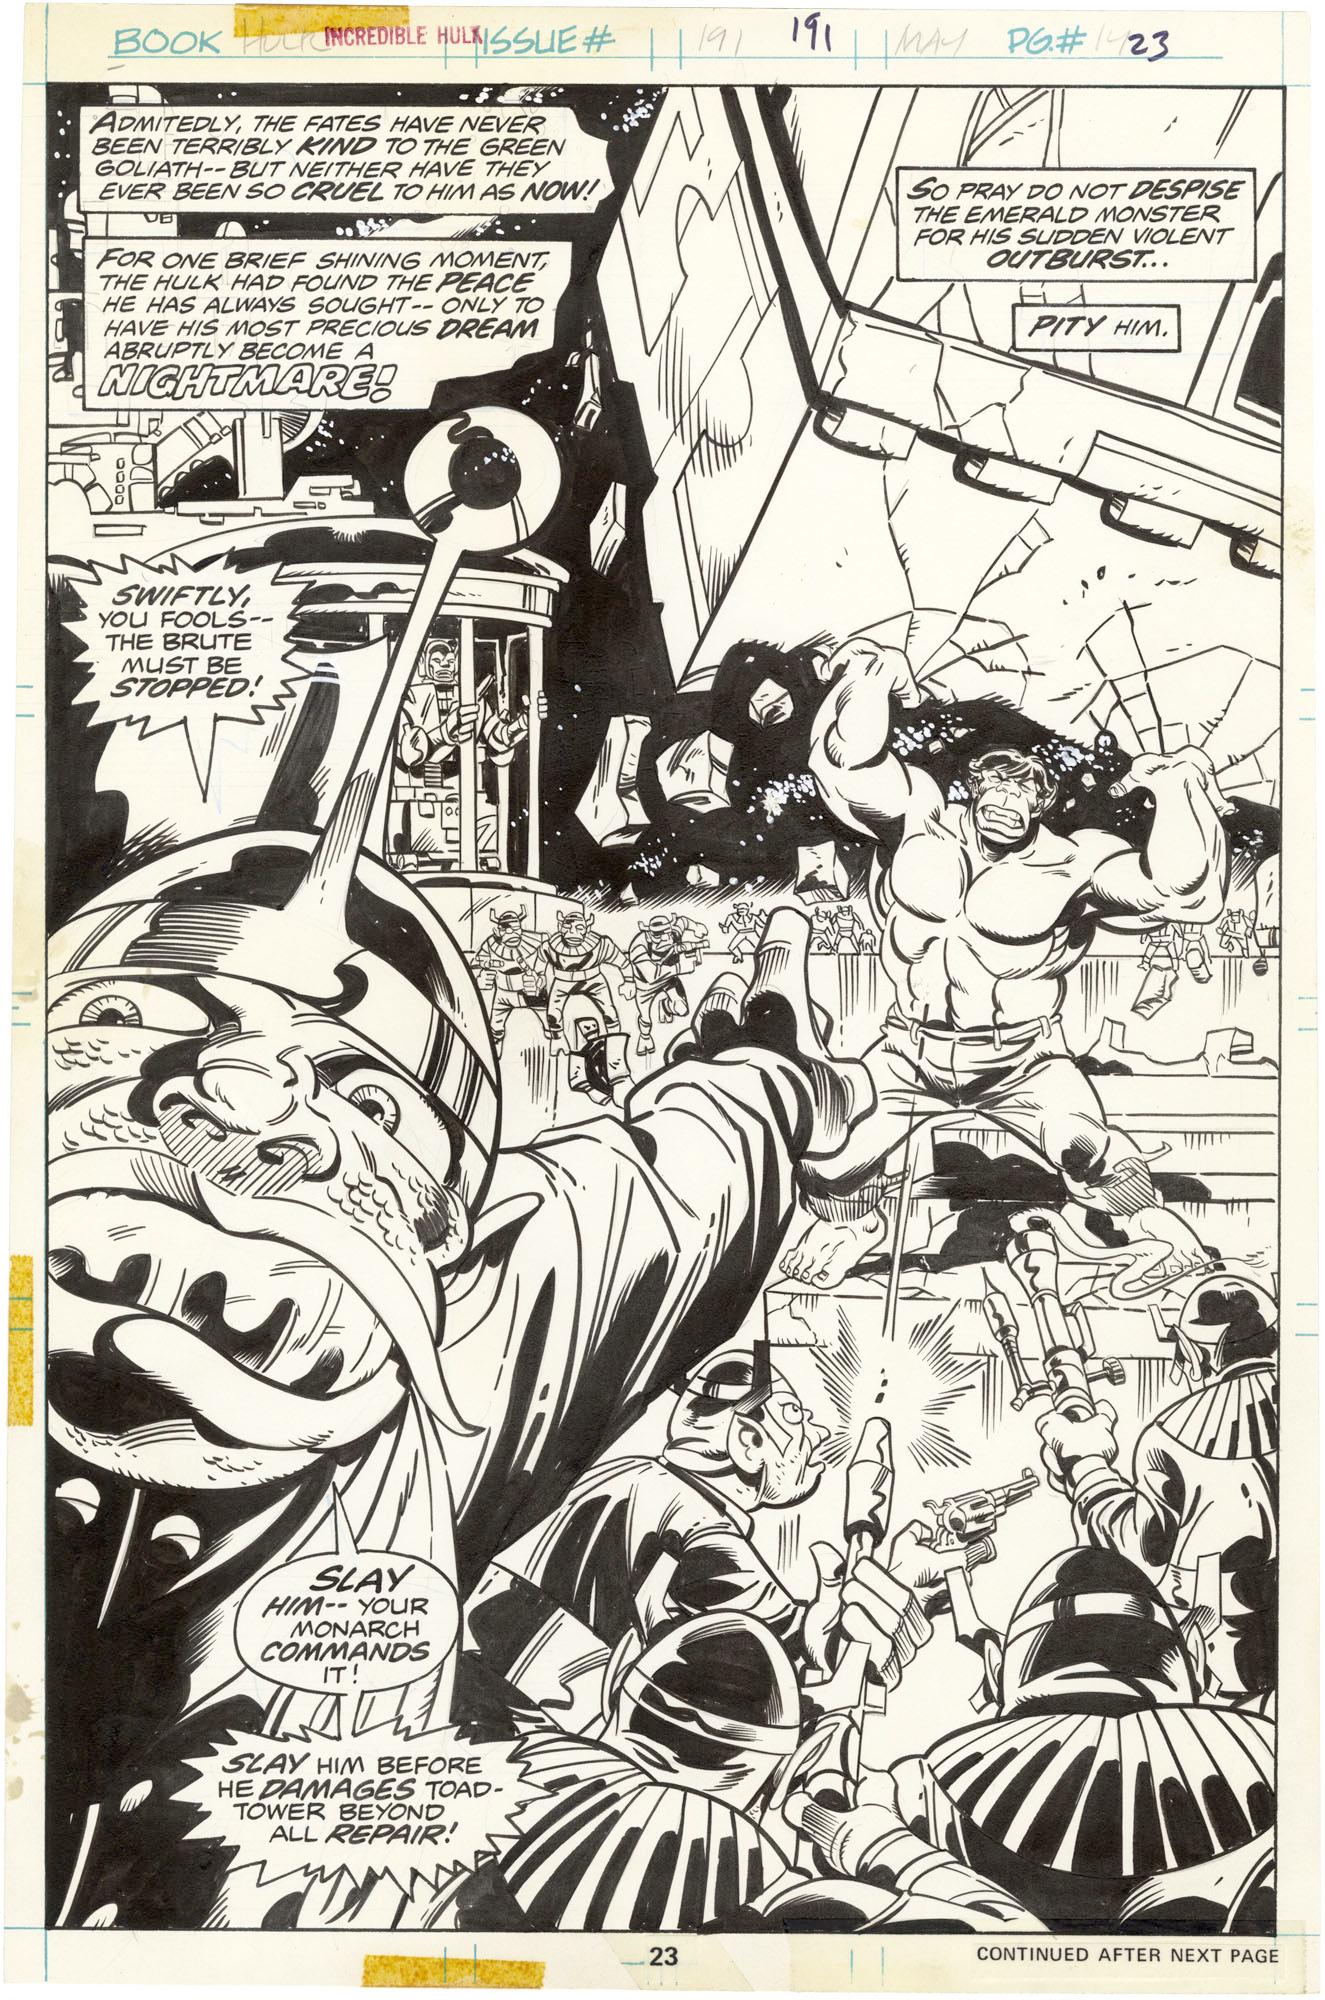 Incredible Hulk #191 p23